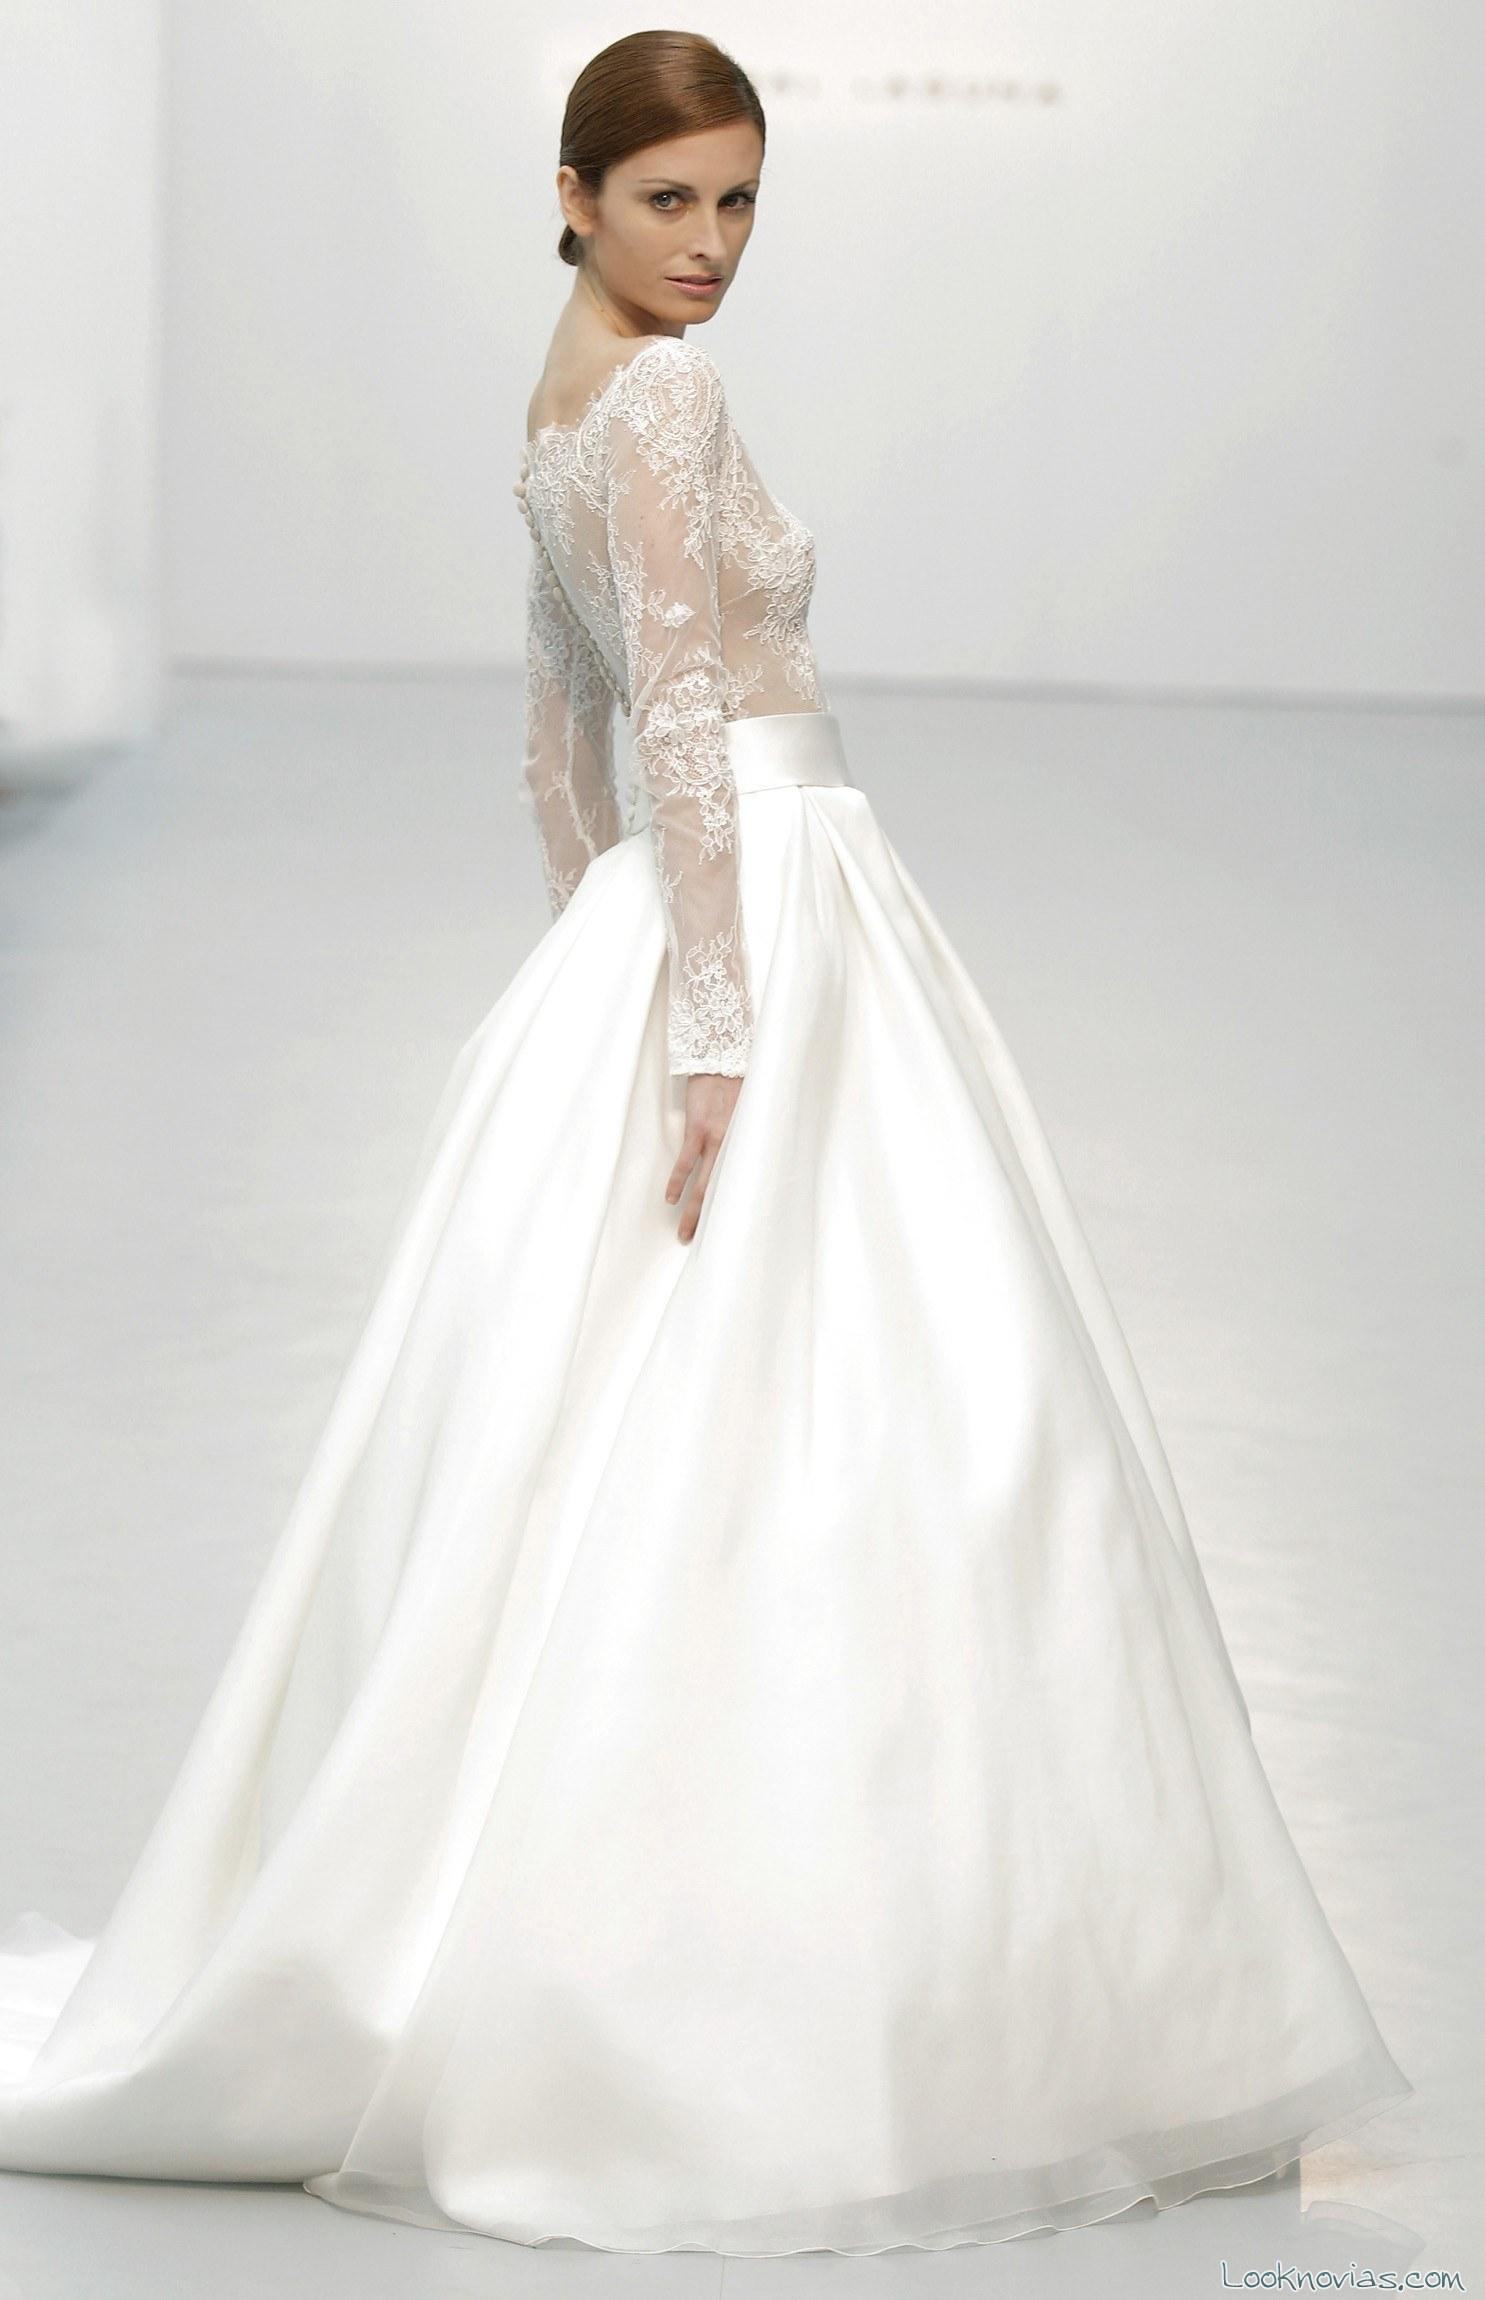 falda satinada con cuerpo transparente